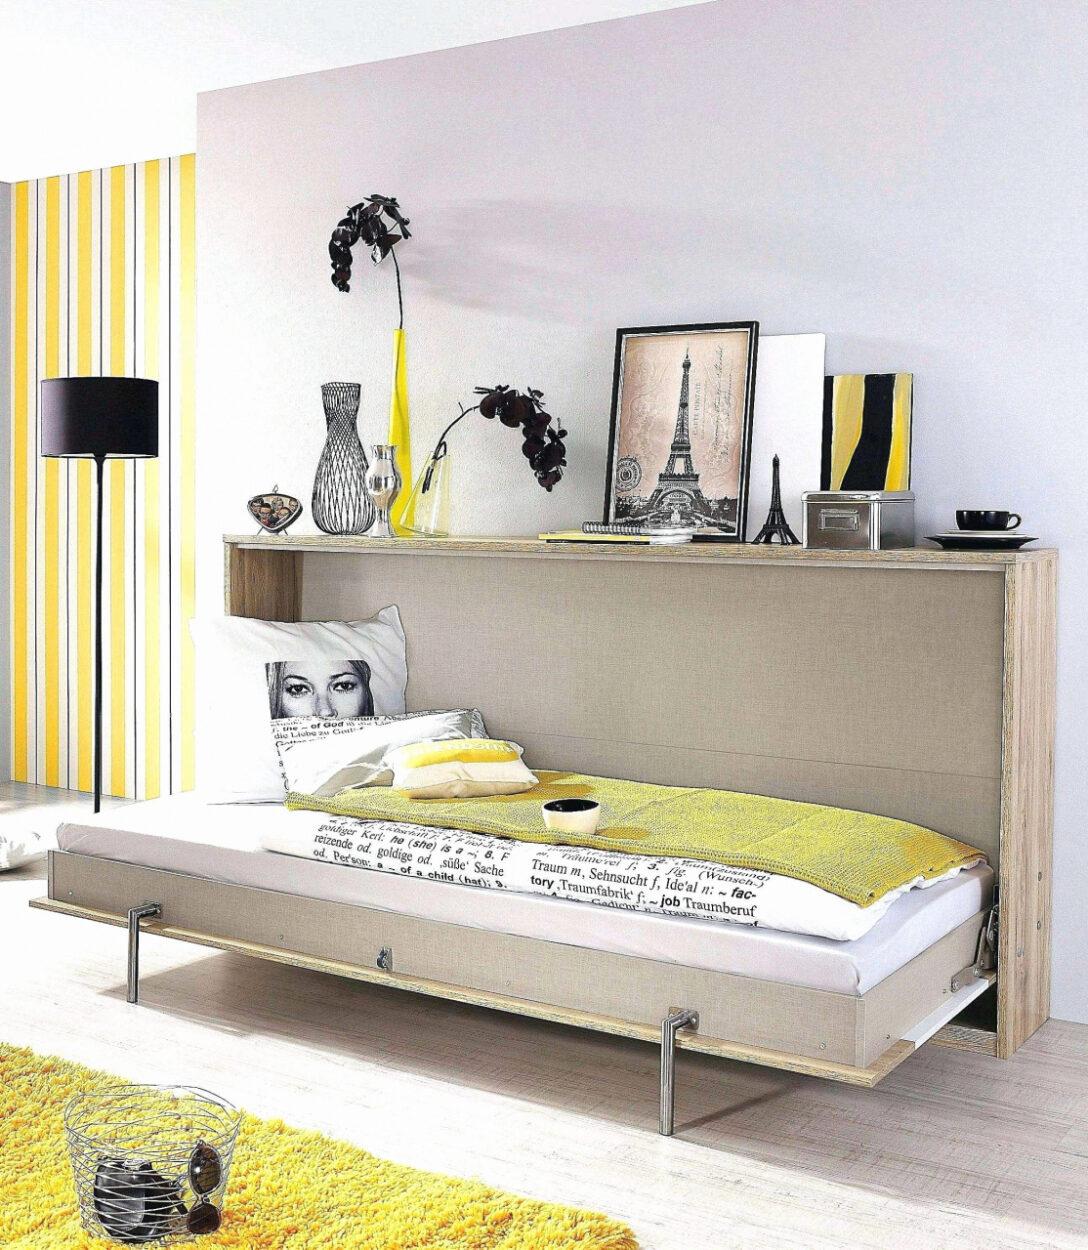 Large Size of Palettenbett Ikea 140x200 Malm Bettgestell Ersatzteile Zuhause Küche Kosten Betten Bei Sofa Mit Schlaffunktion Miniküche 160x200 Kaufen Modulküche Wohnzimmer Palettenbett Ikea